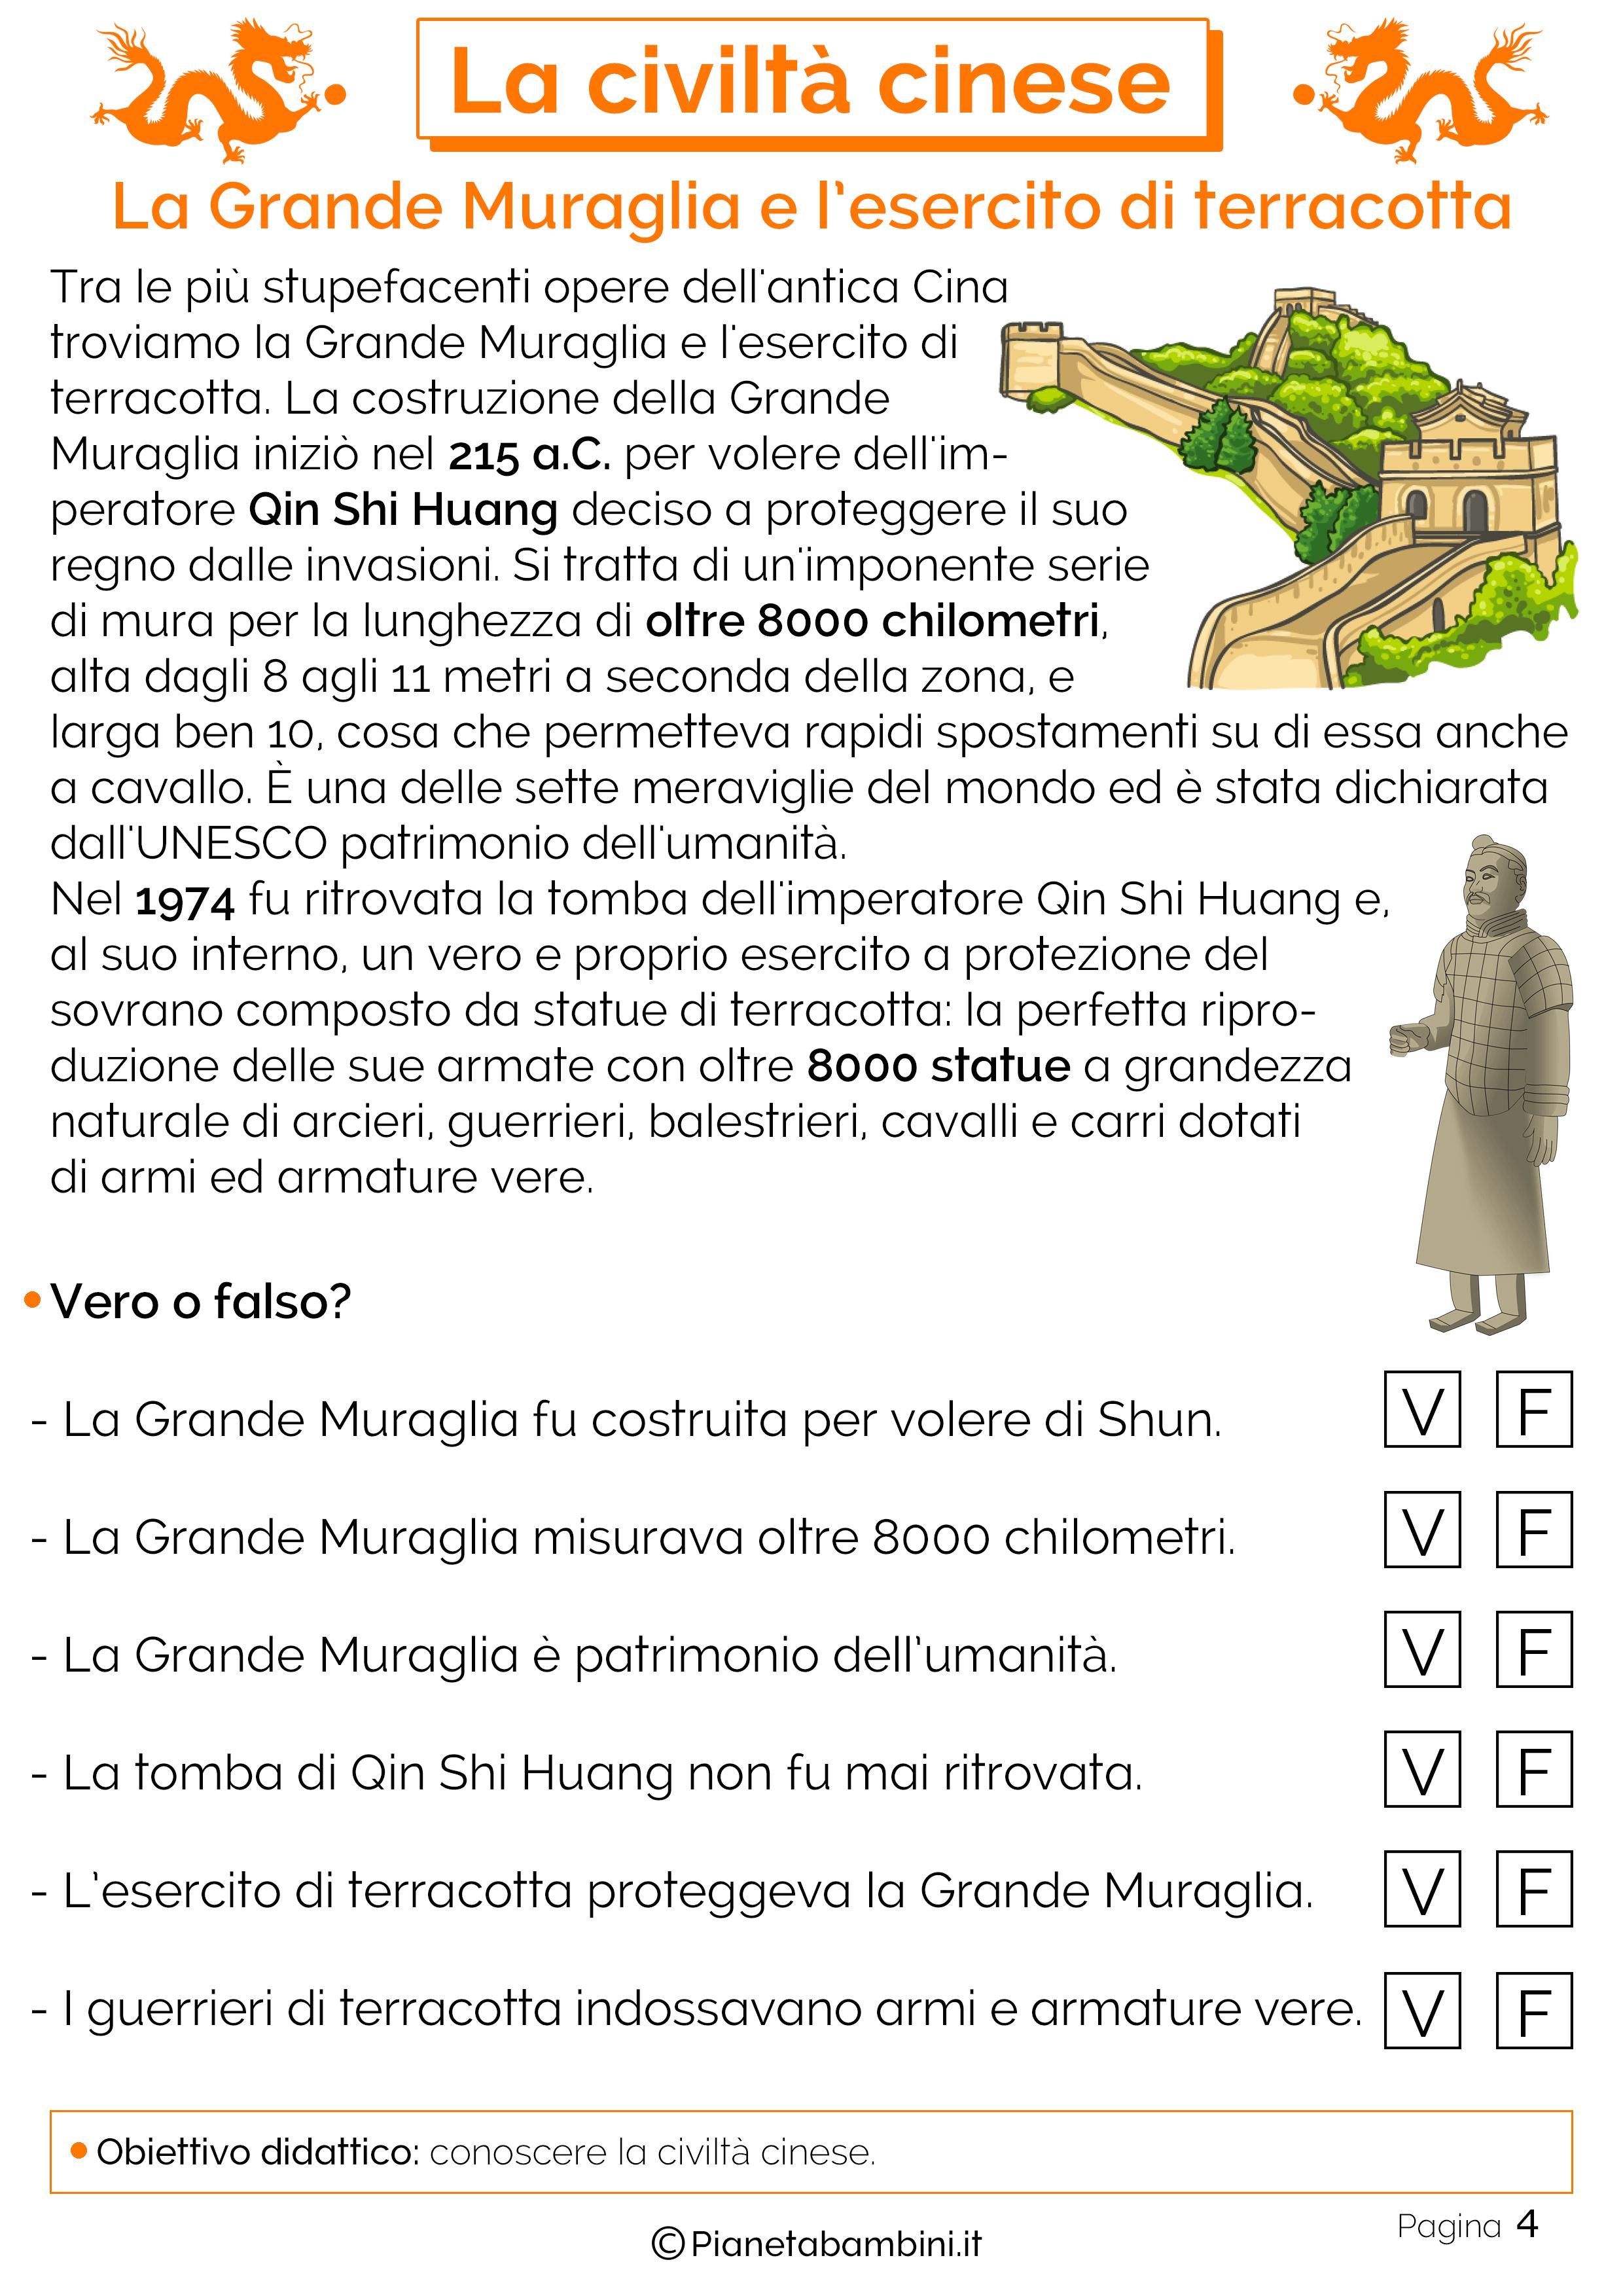 La grande muraglia cinese e l'esercito di terracotta